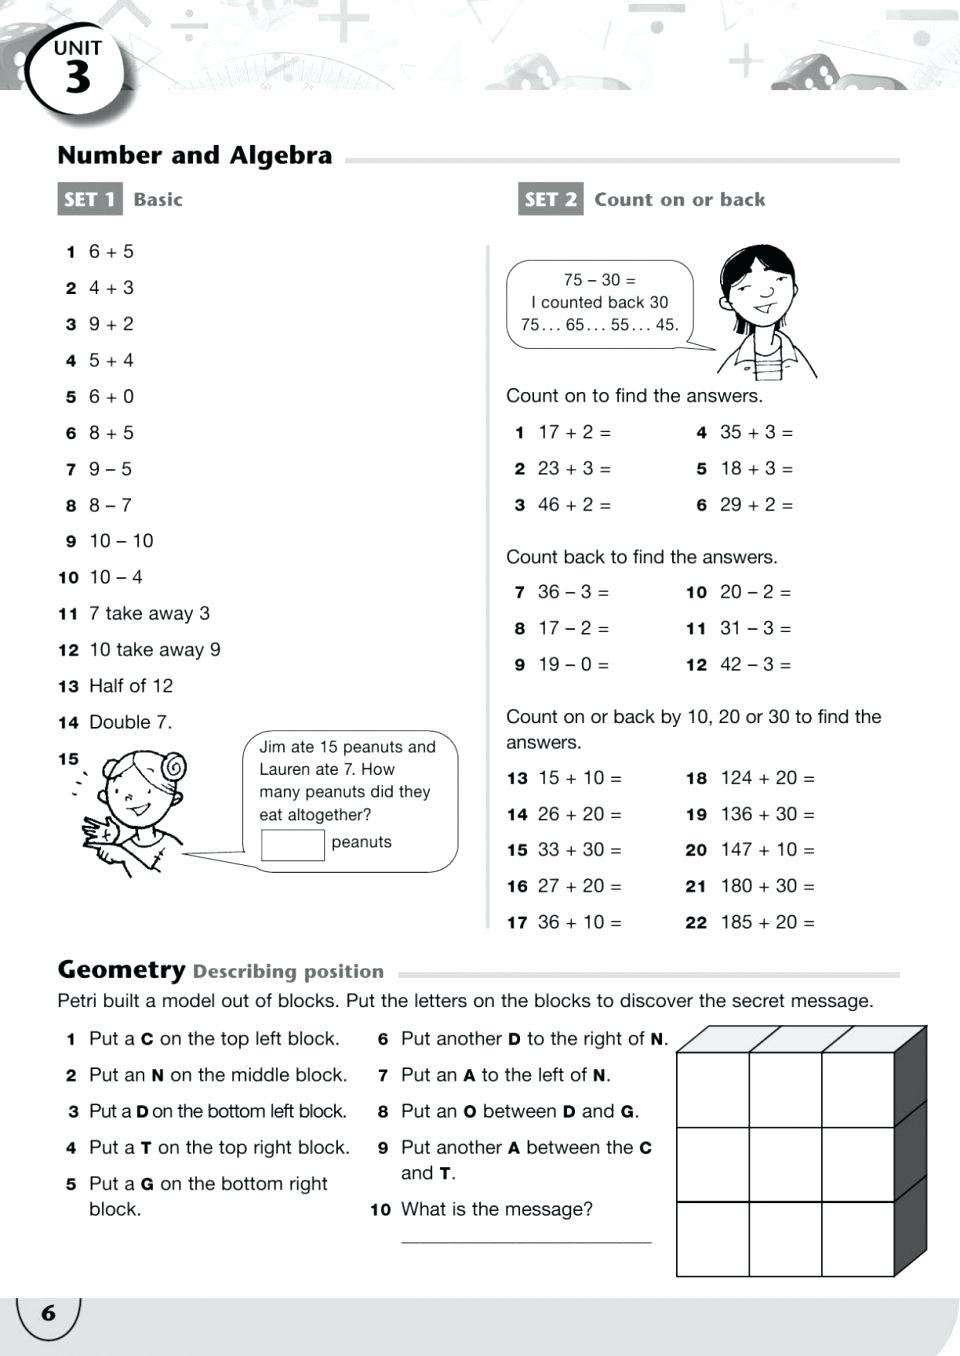 Worksheet : Printable Reading Comprehension Passages Grammar | Printable Grammar Worksheets For Middle School